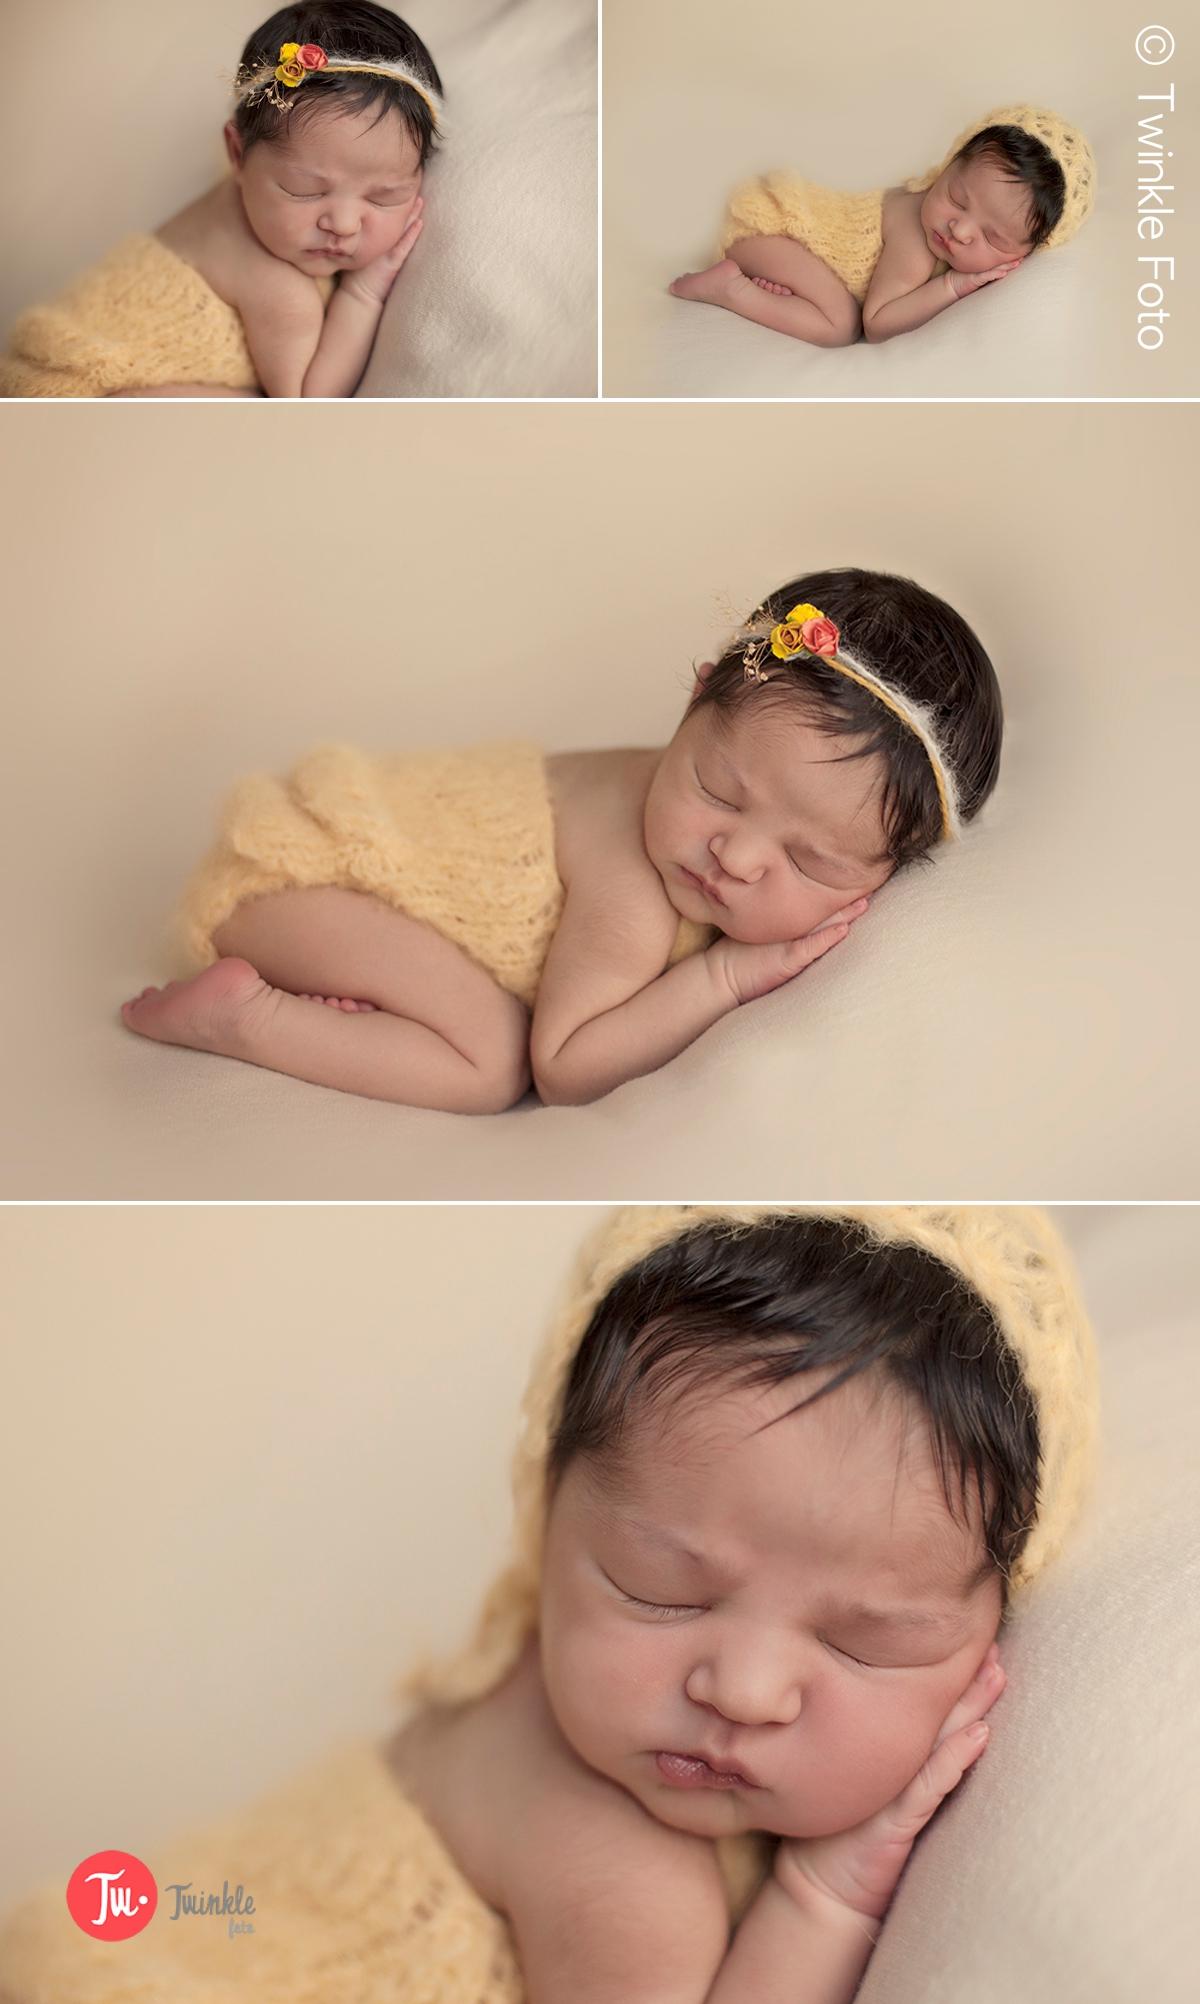 fotos_newborn_bebe_valencia_ las mejores fotos de bebes_amparo palop_01 SESION NEWBORN EN VALENCIA